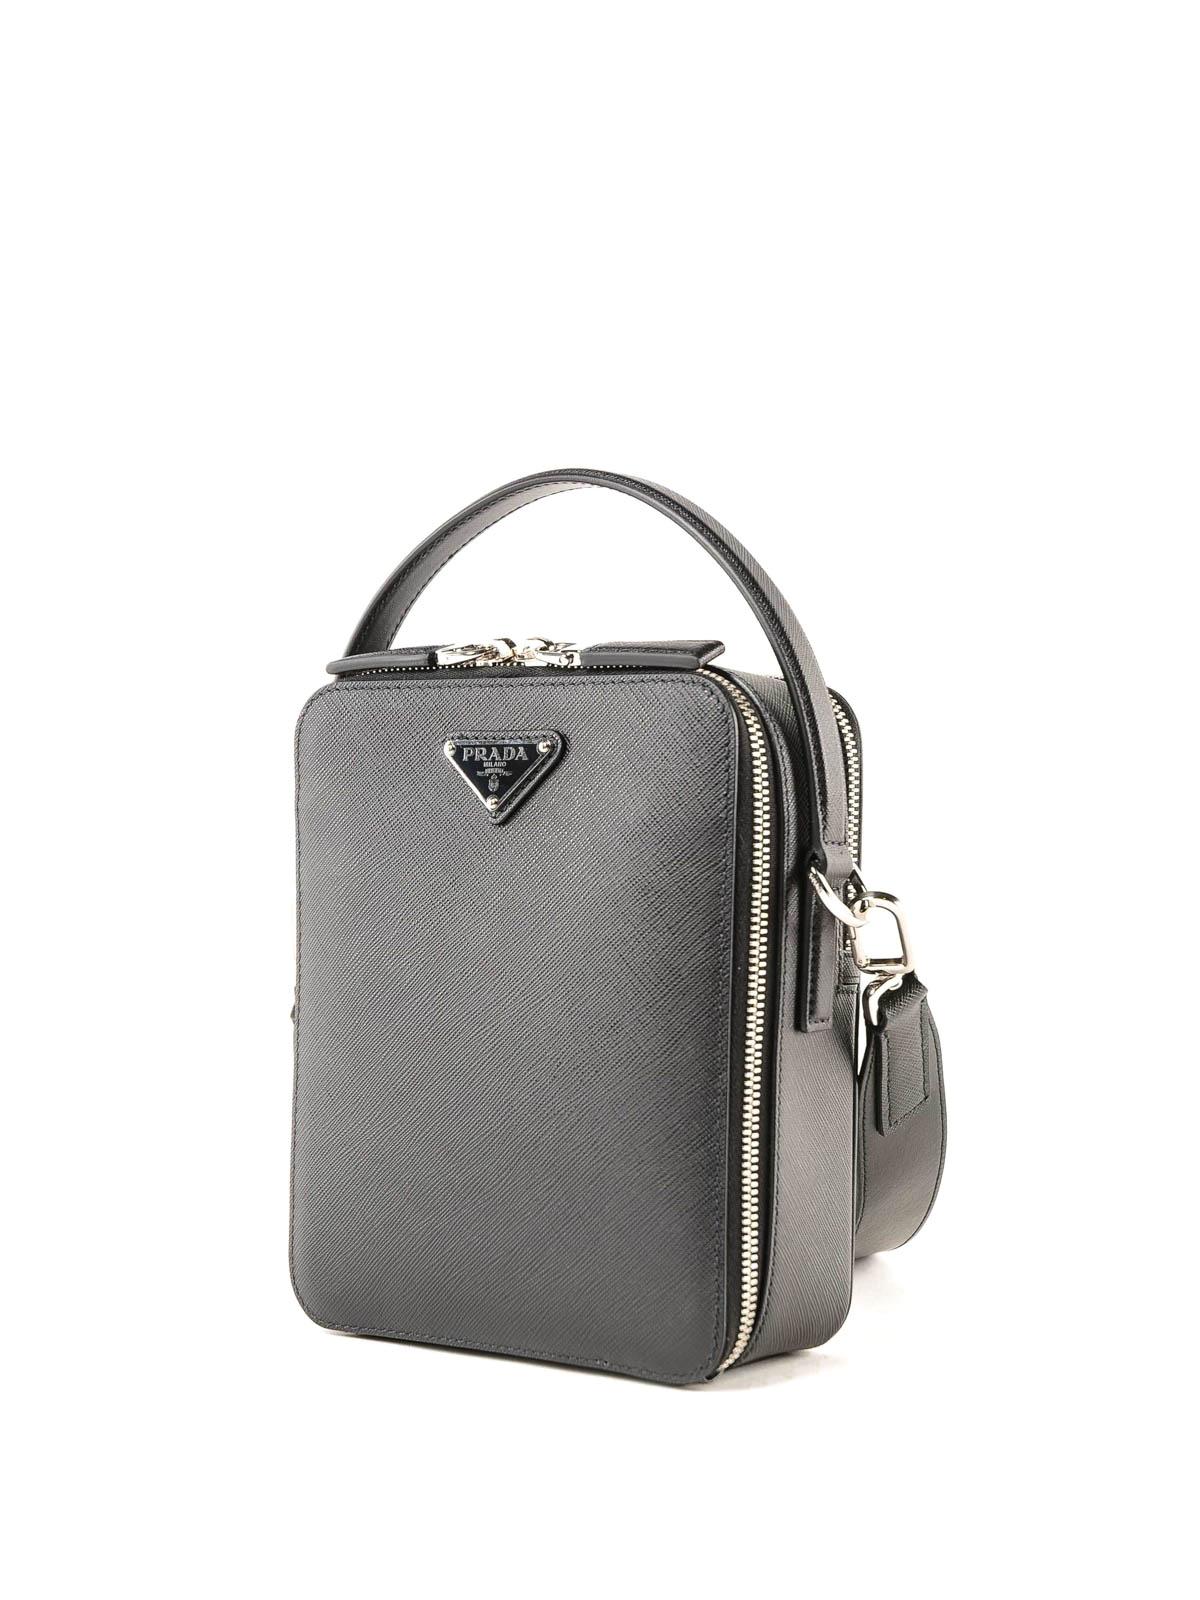 07a2625fda9e PRADA  cross body bags online - Black saffiano leather crossbody bag